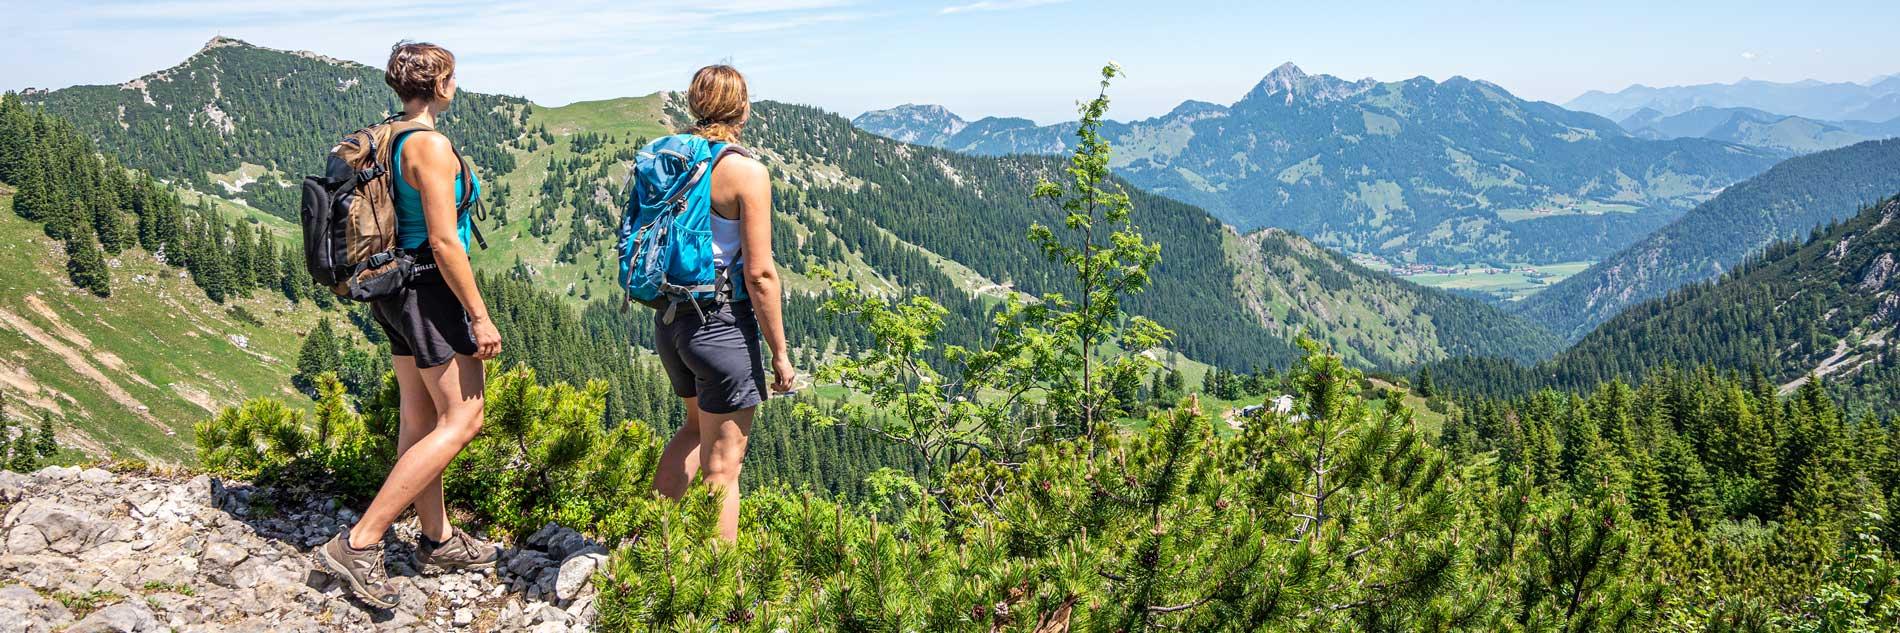 Der Hochsitz - Wandern in den bayrischen Bergen